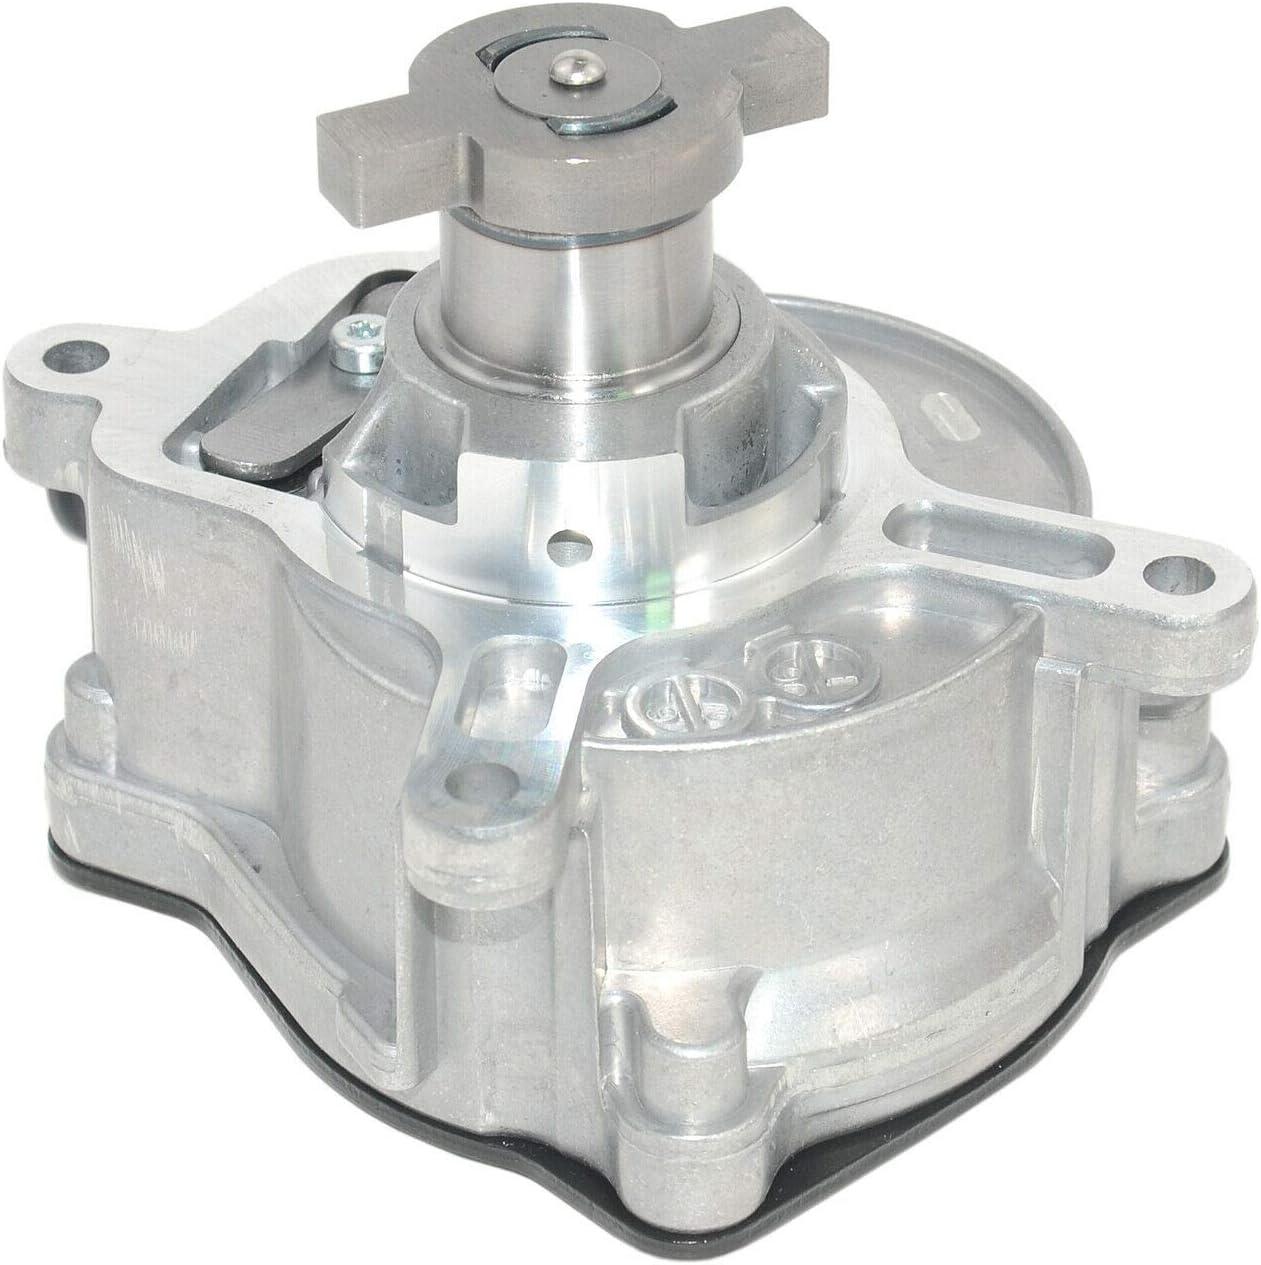 AKWH 904-817 Vacuum Pump for VW Jetta Beetle Golf Passat Rabbit 2.5L Au di TT 07K145100B 724807300